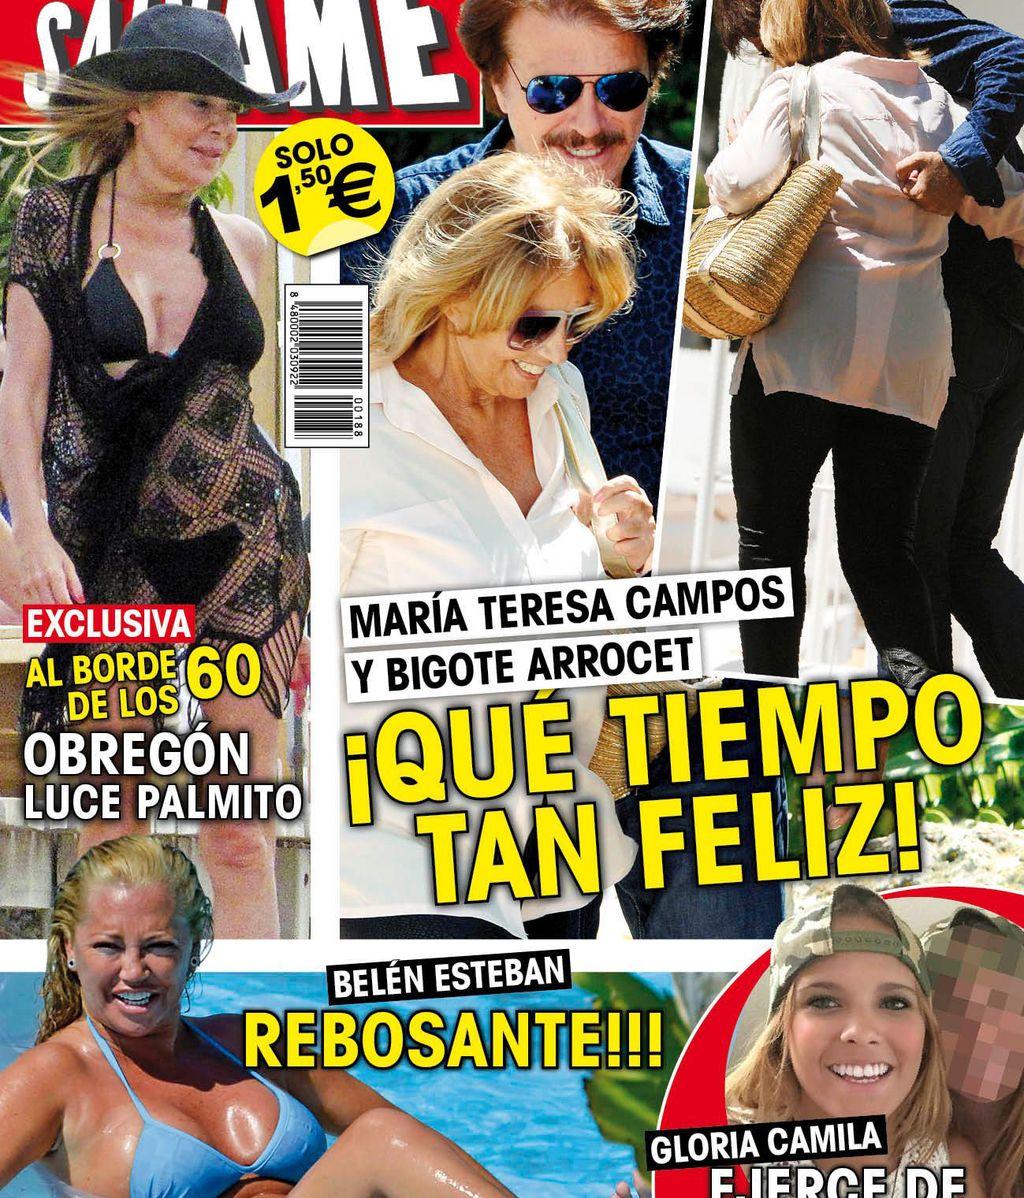 Bigote Arrocet y María Teresa Campos, en la portada de la revista Sálvame